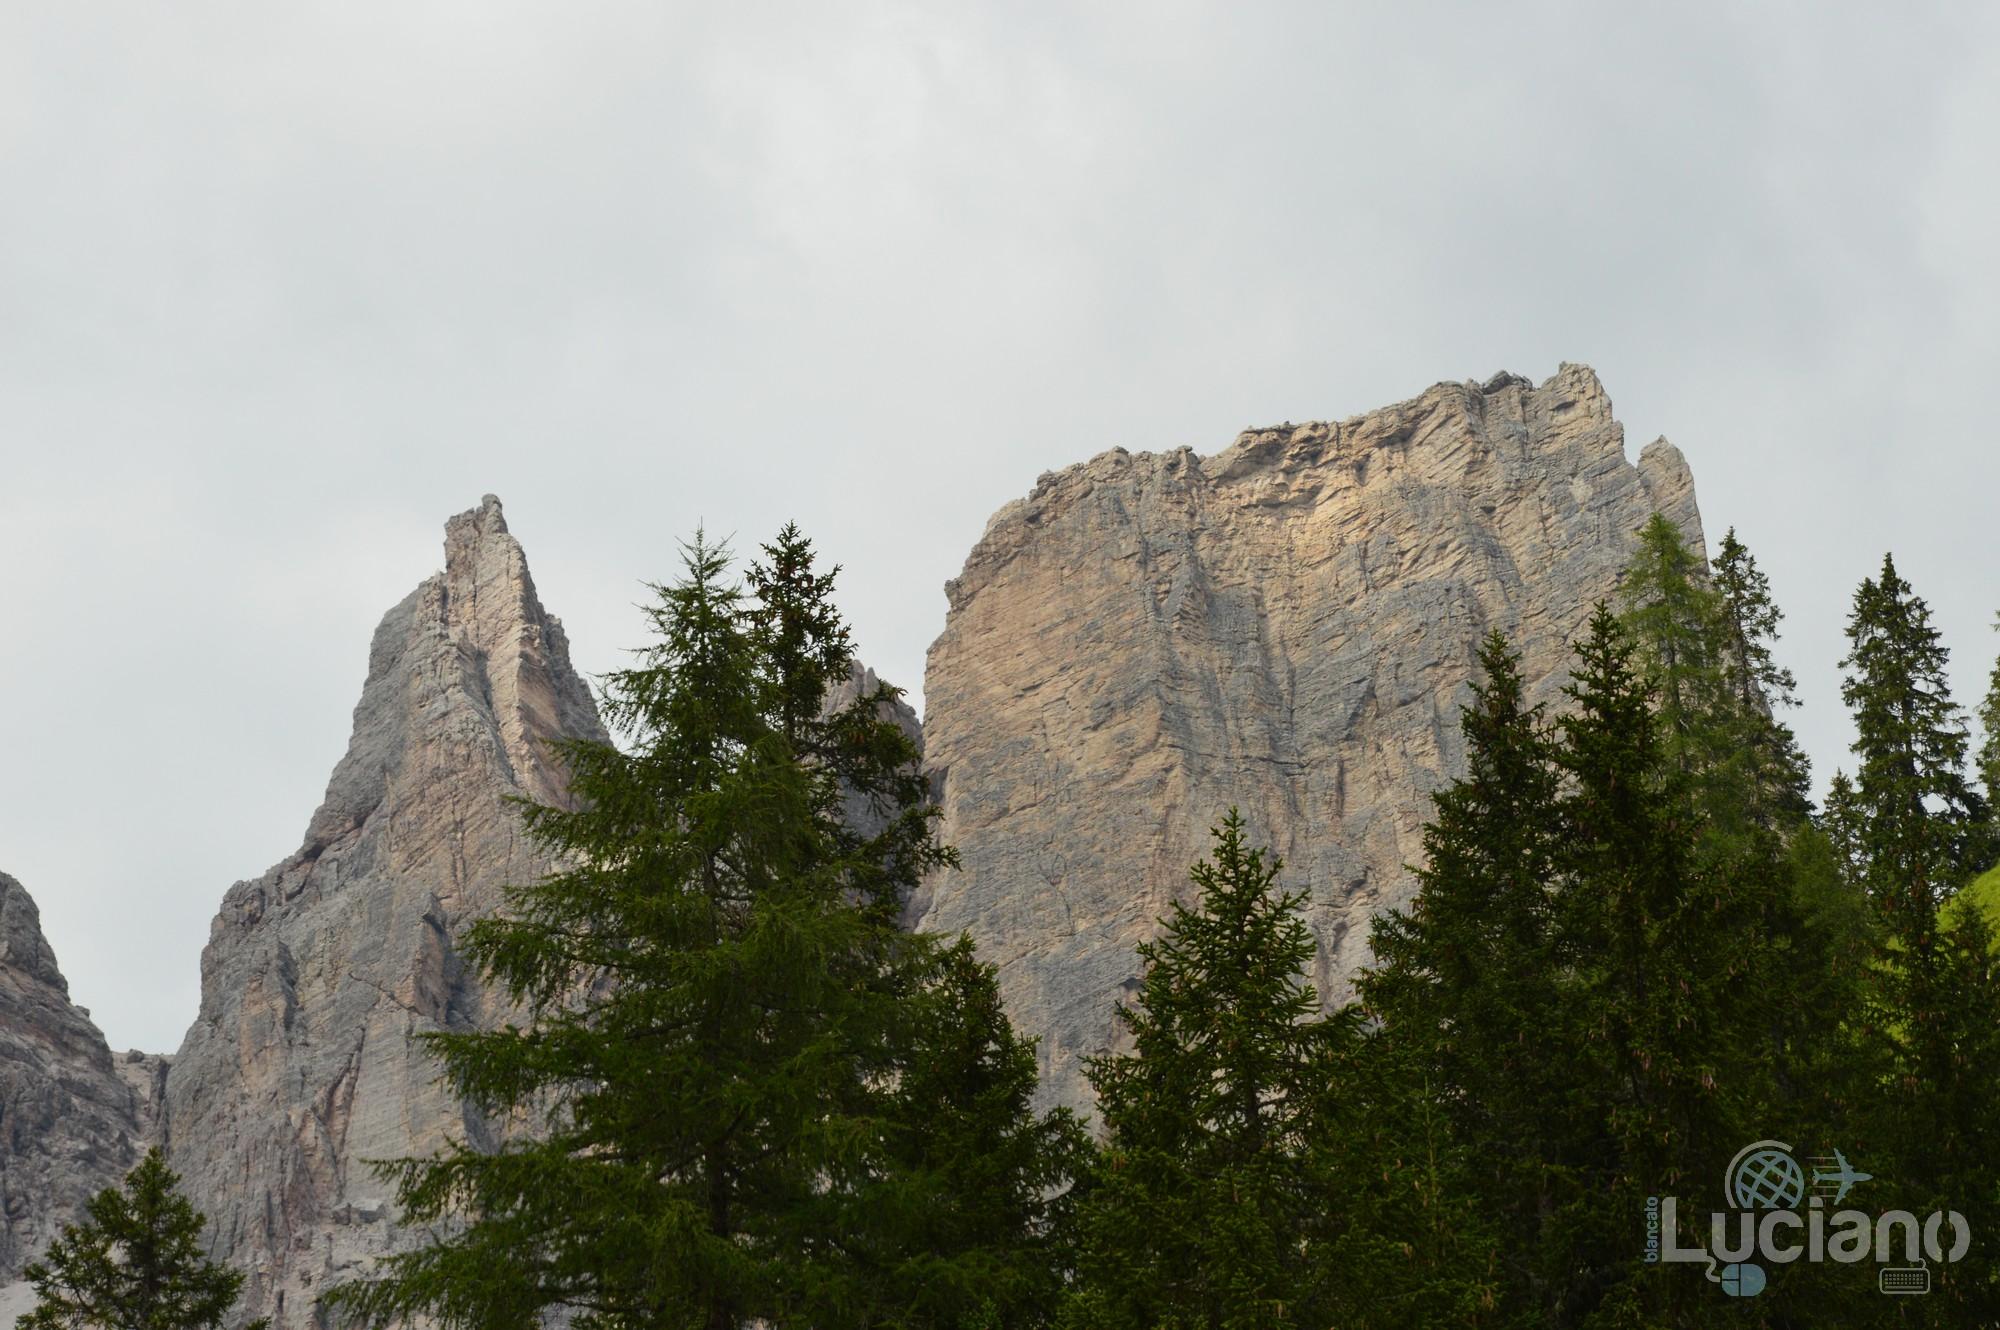 Dolomiti - Cime e boschi - Veneto